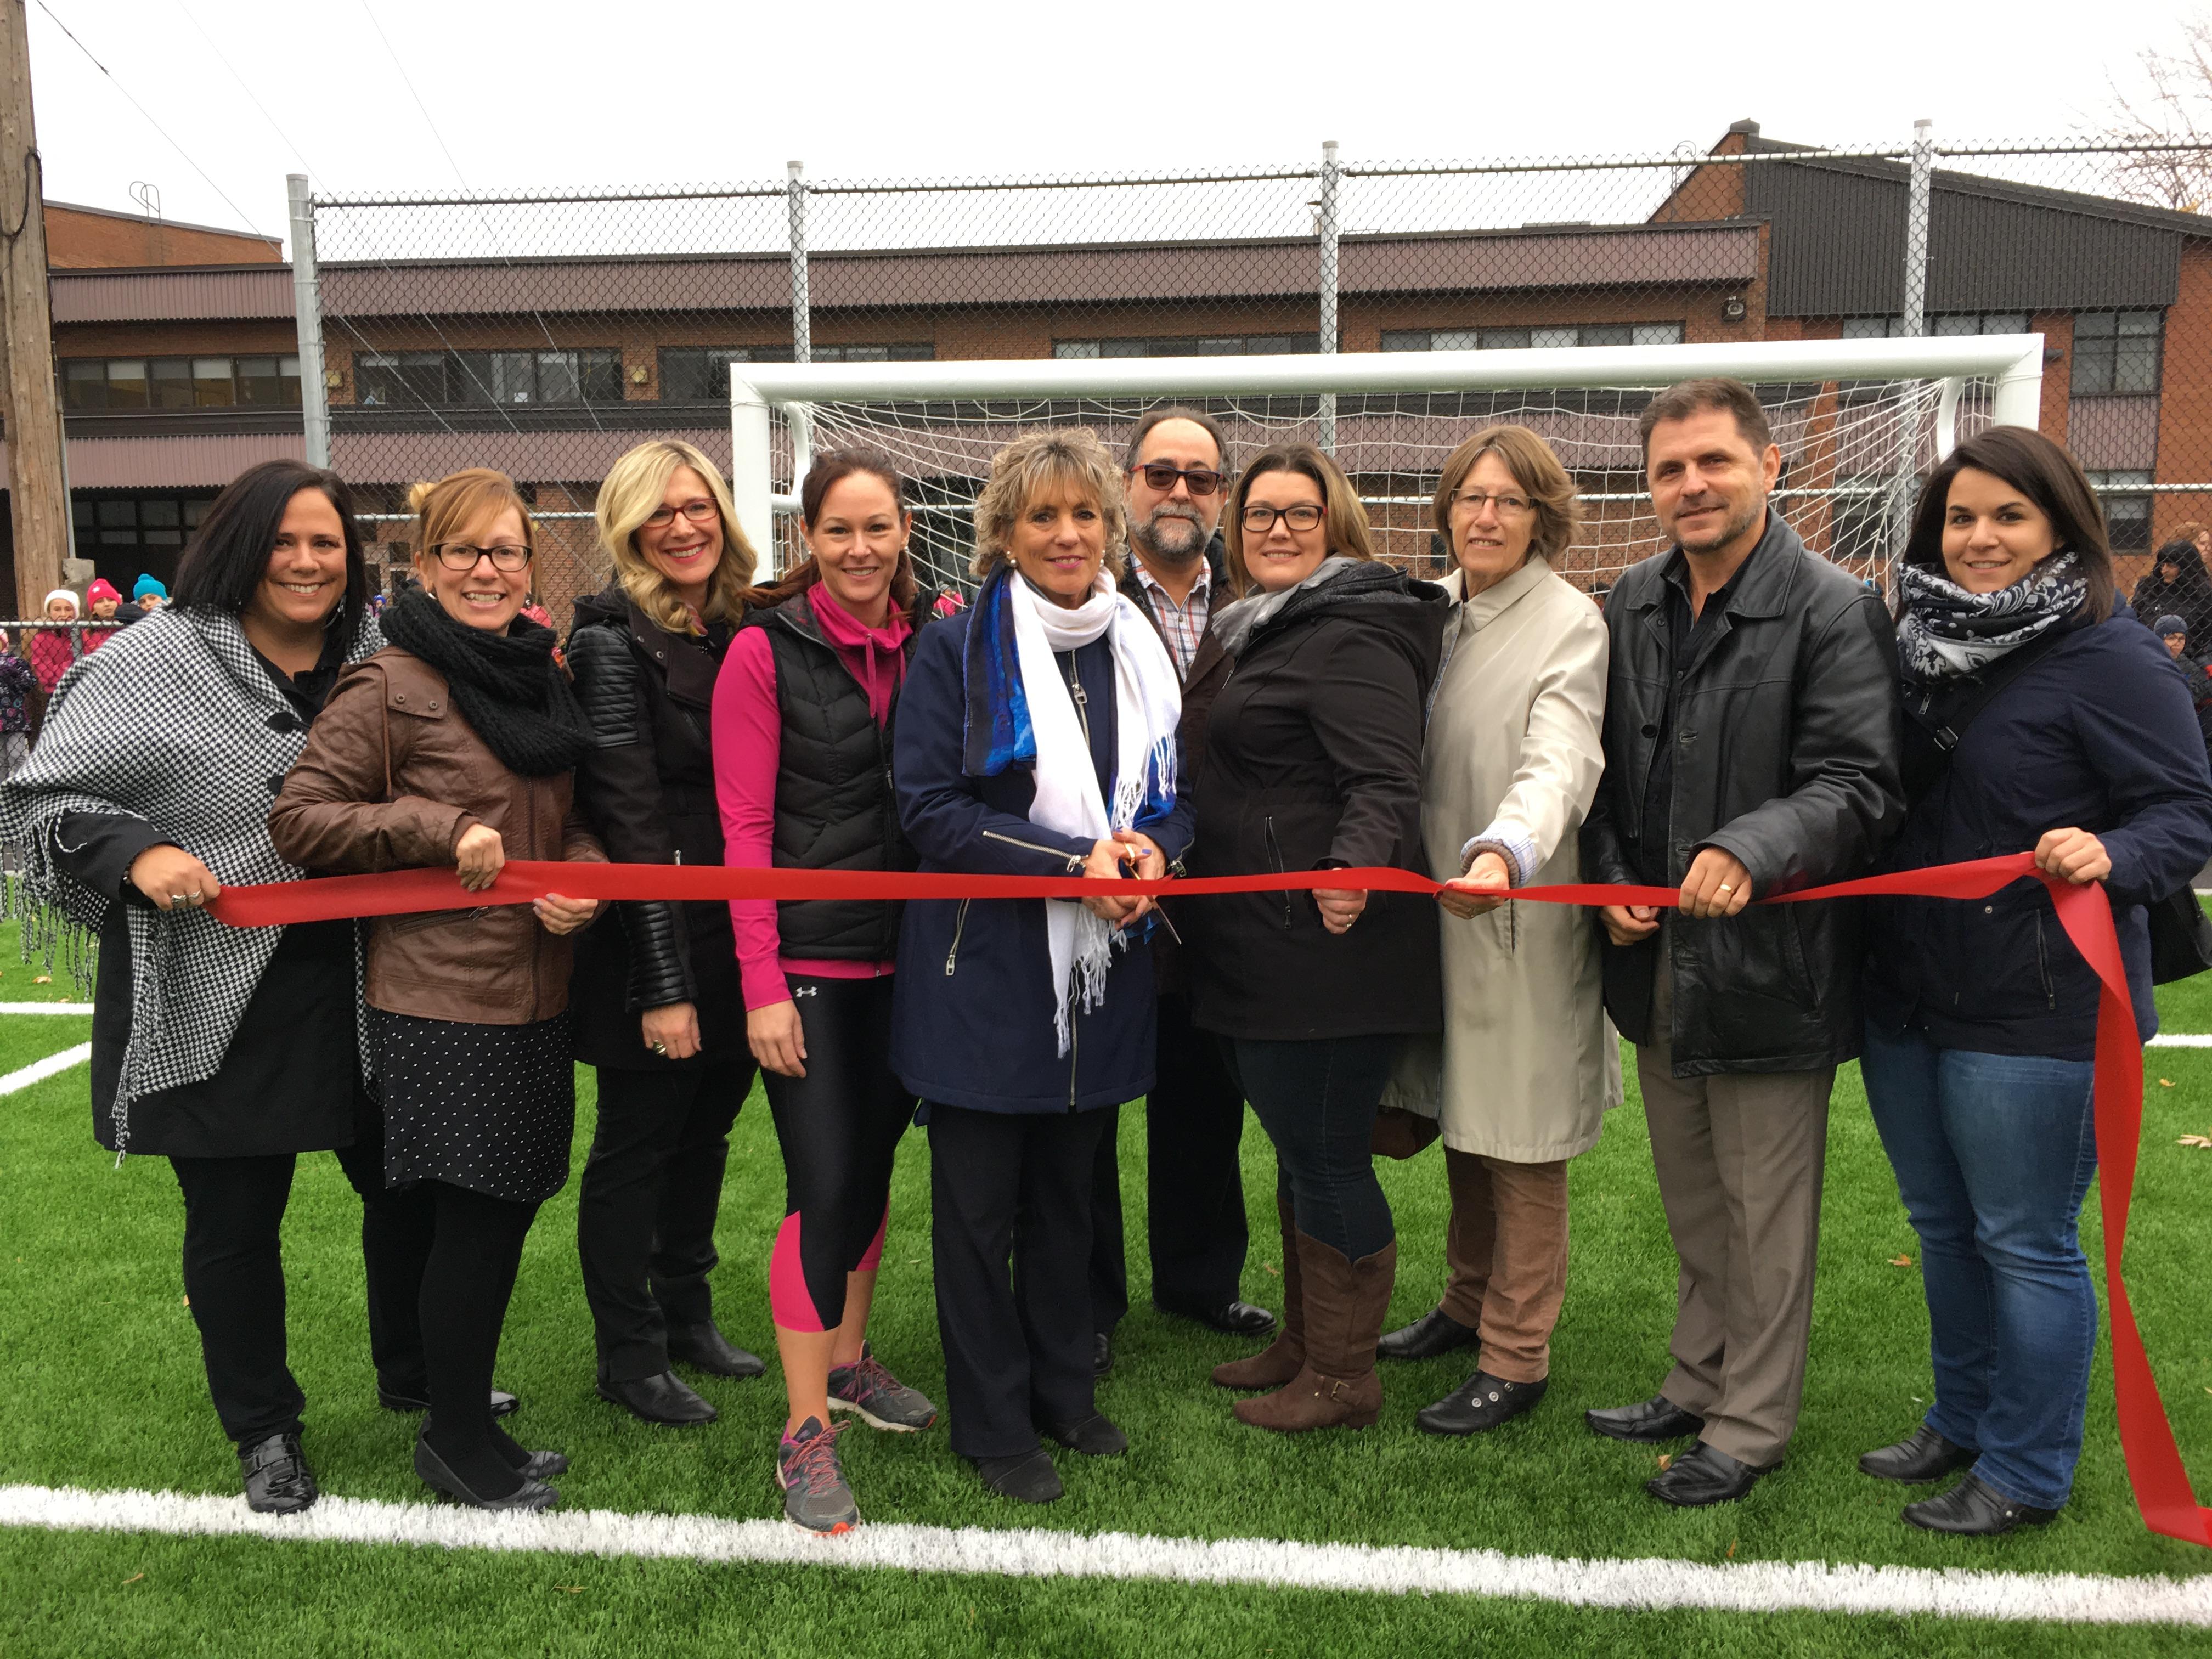 L'école primaire Piché-Dufrost a un nouveau terrain de soccer synthétique!